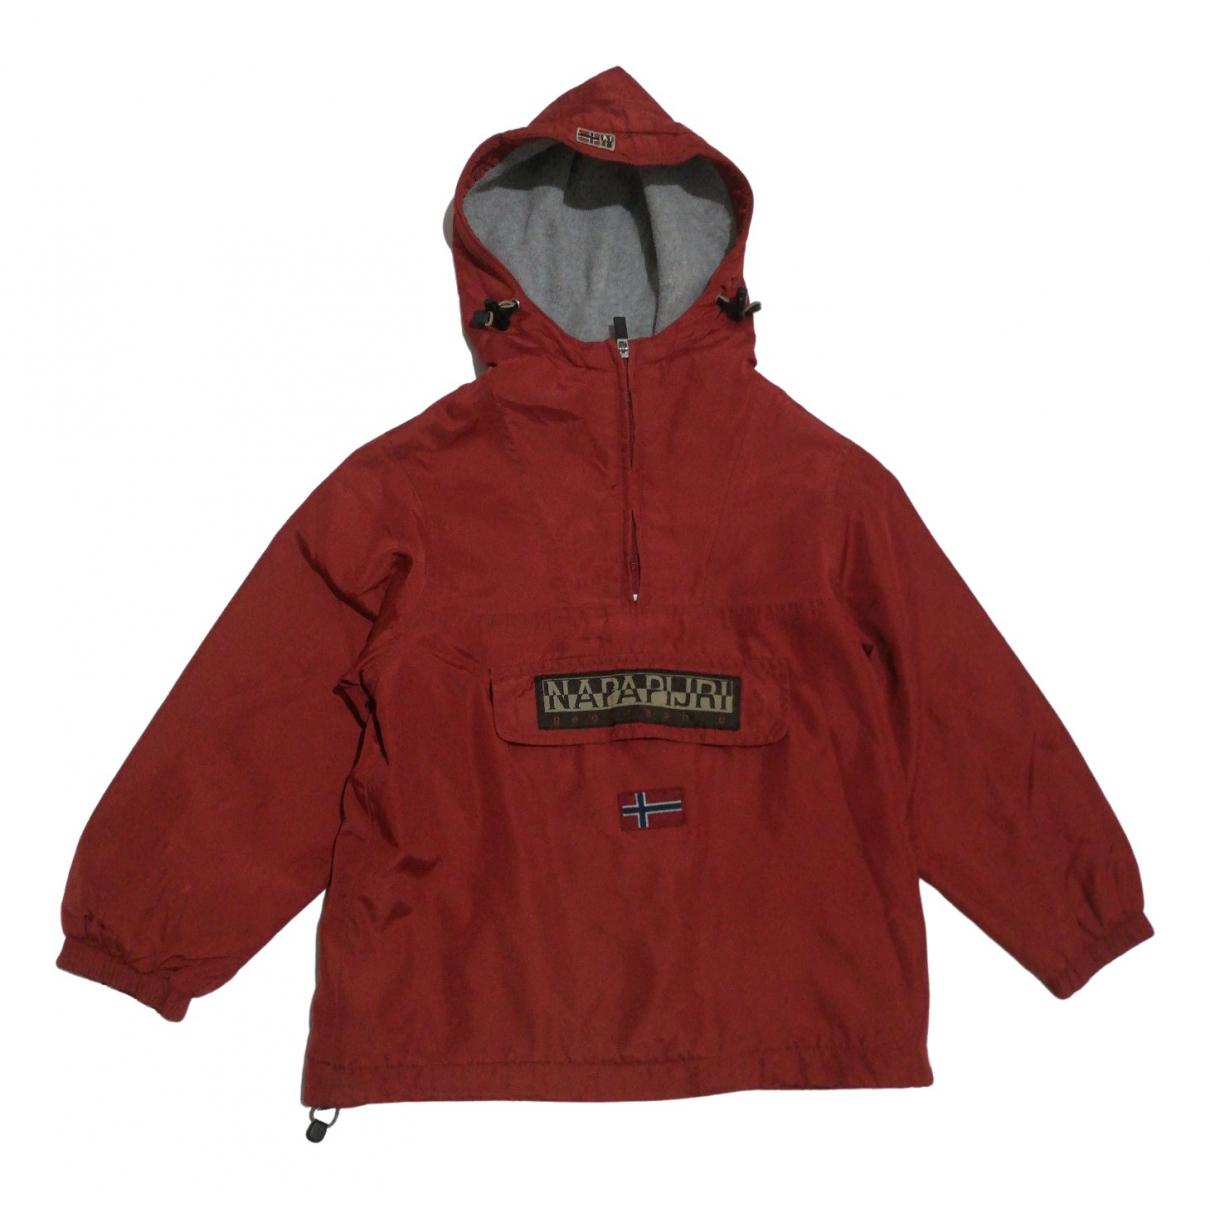 Napapijri - Blousons.Manteaux   pour enfant - bordeaux